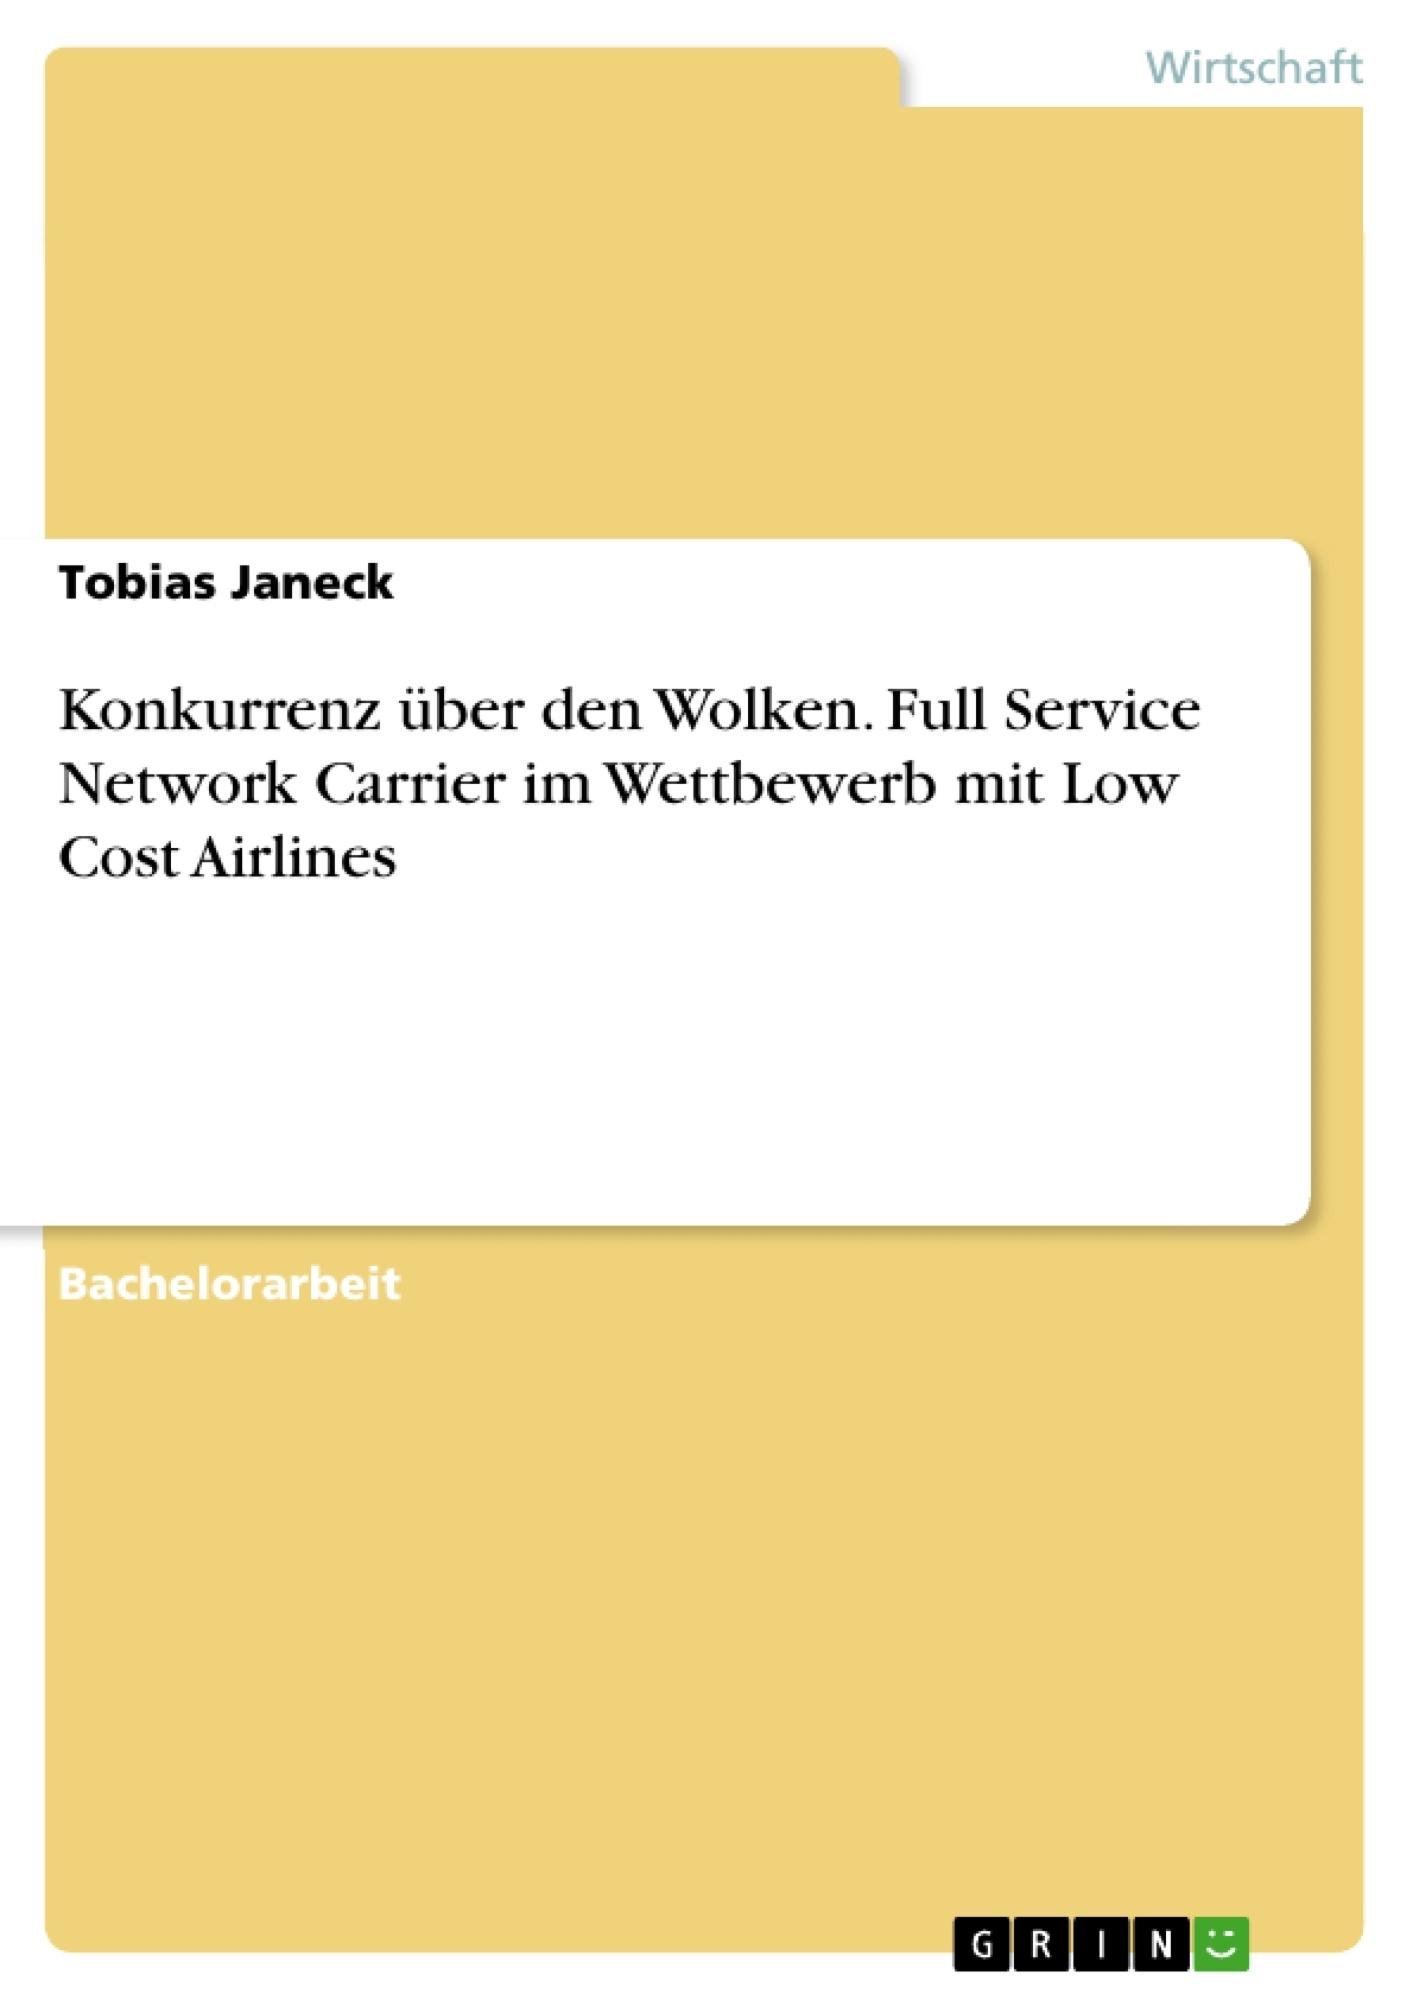 Titel: Konkurrenz über den Wolken. Full Service Network Carrier im Wettbewerb mit Low Cost Airlines